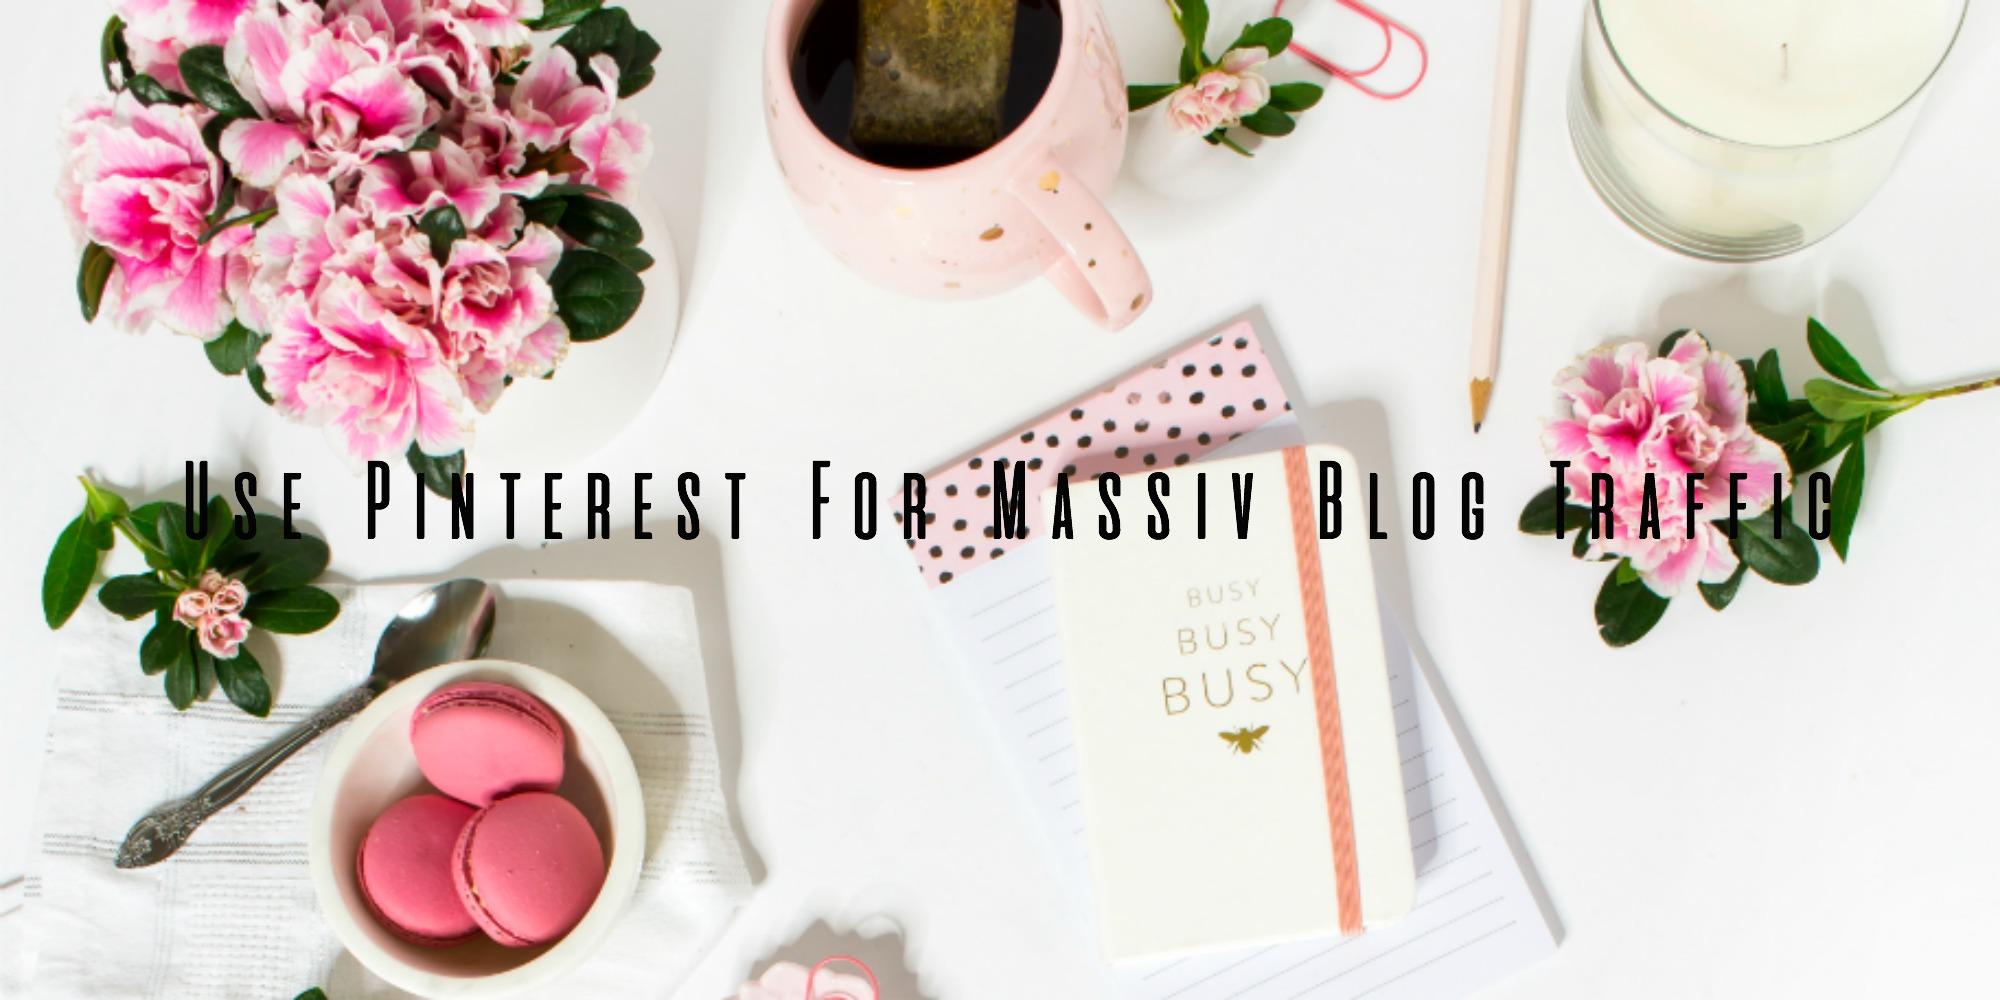 use pinterest for massiv blog traffic banner laura rebecca jonas